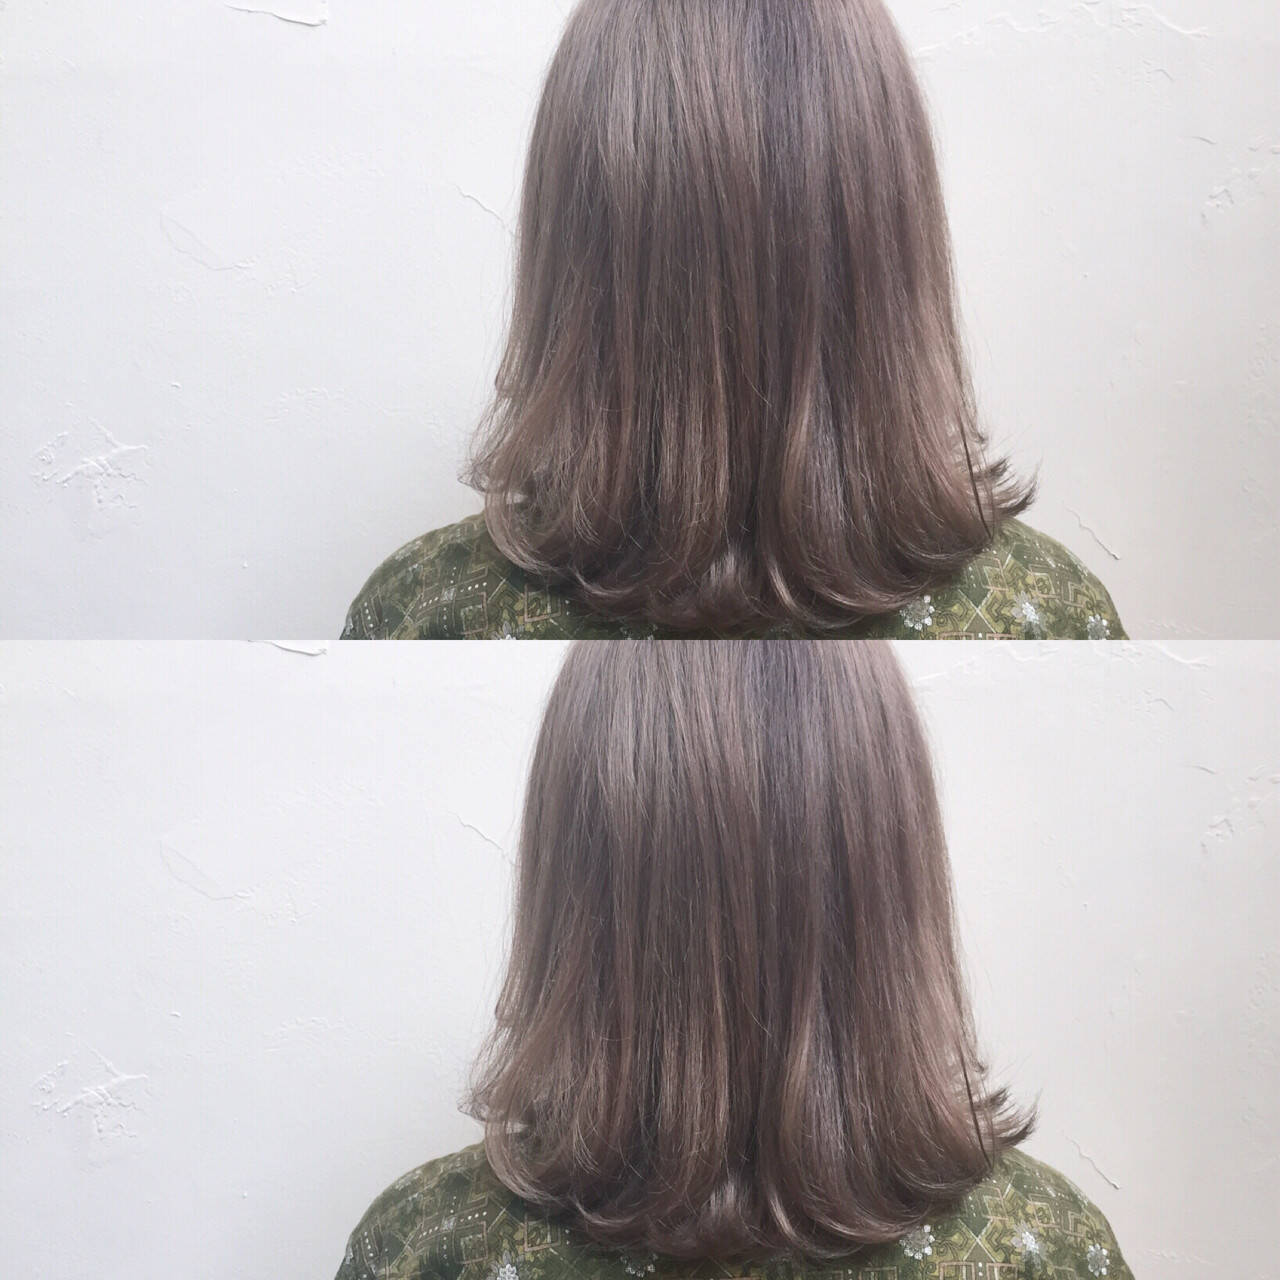 ハイライト ナチュラル ボブ フェミニンヘアスタイルや髪型の写真・画像